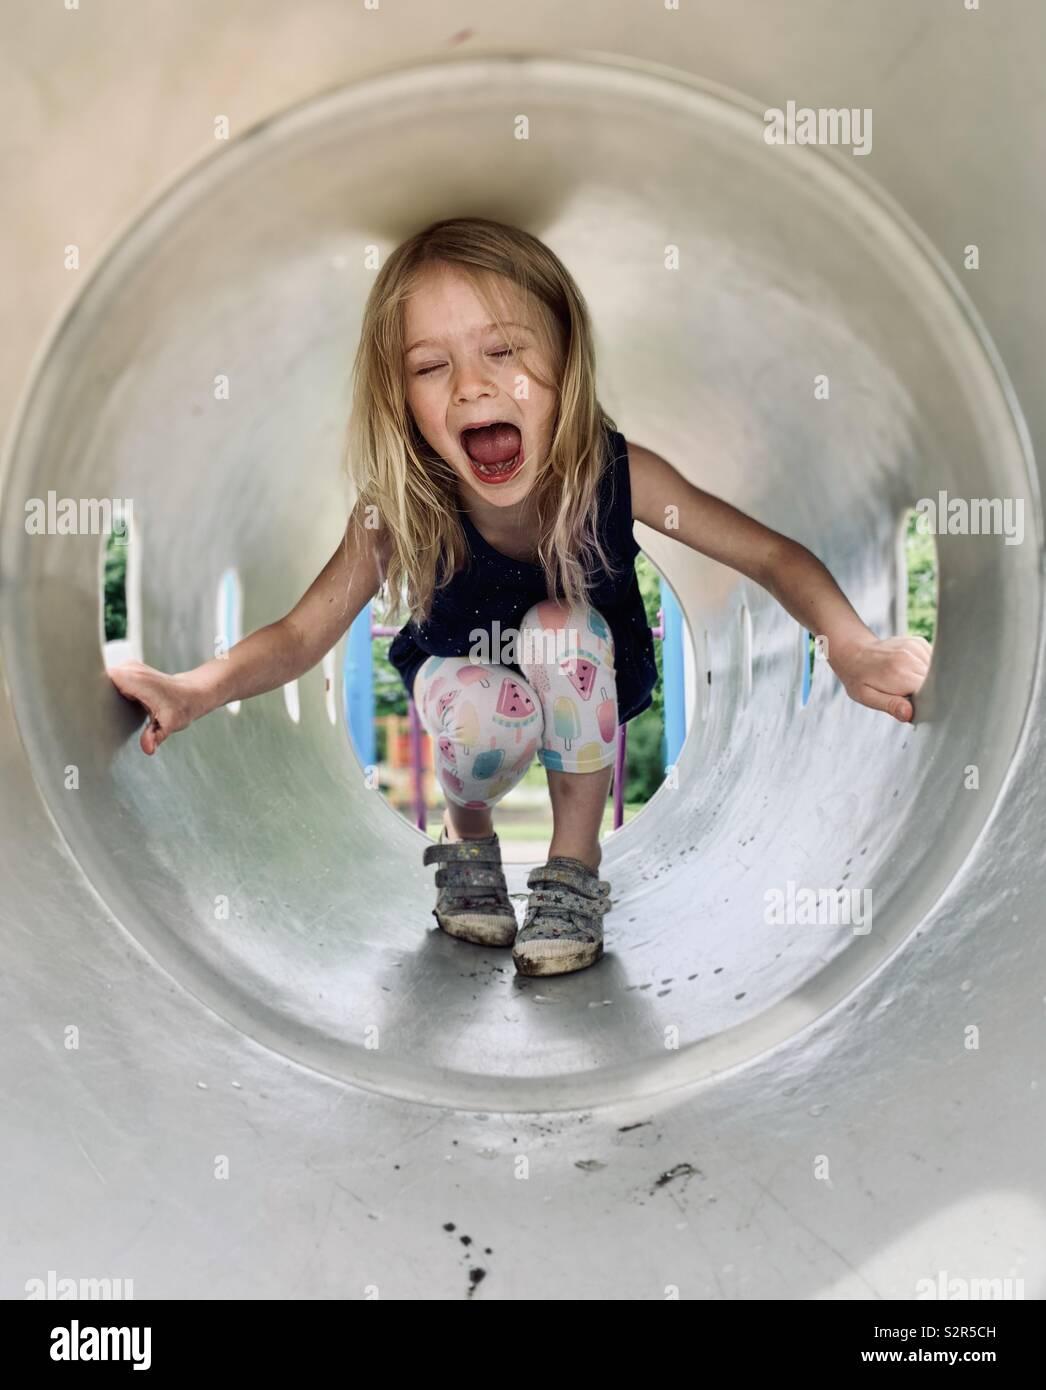 Jeune fille rire et jouer Banque D'Images